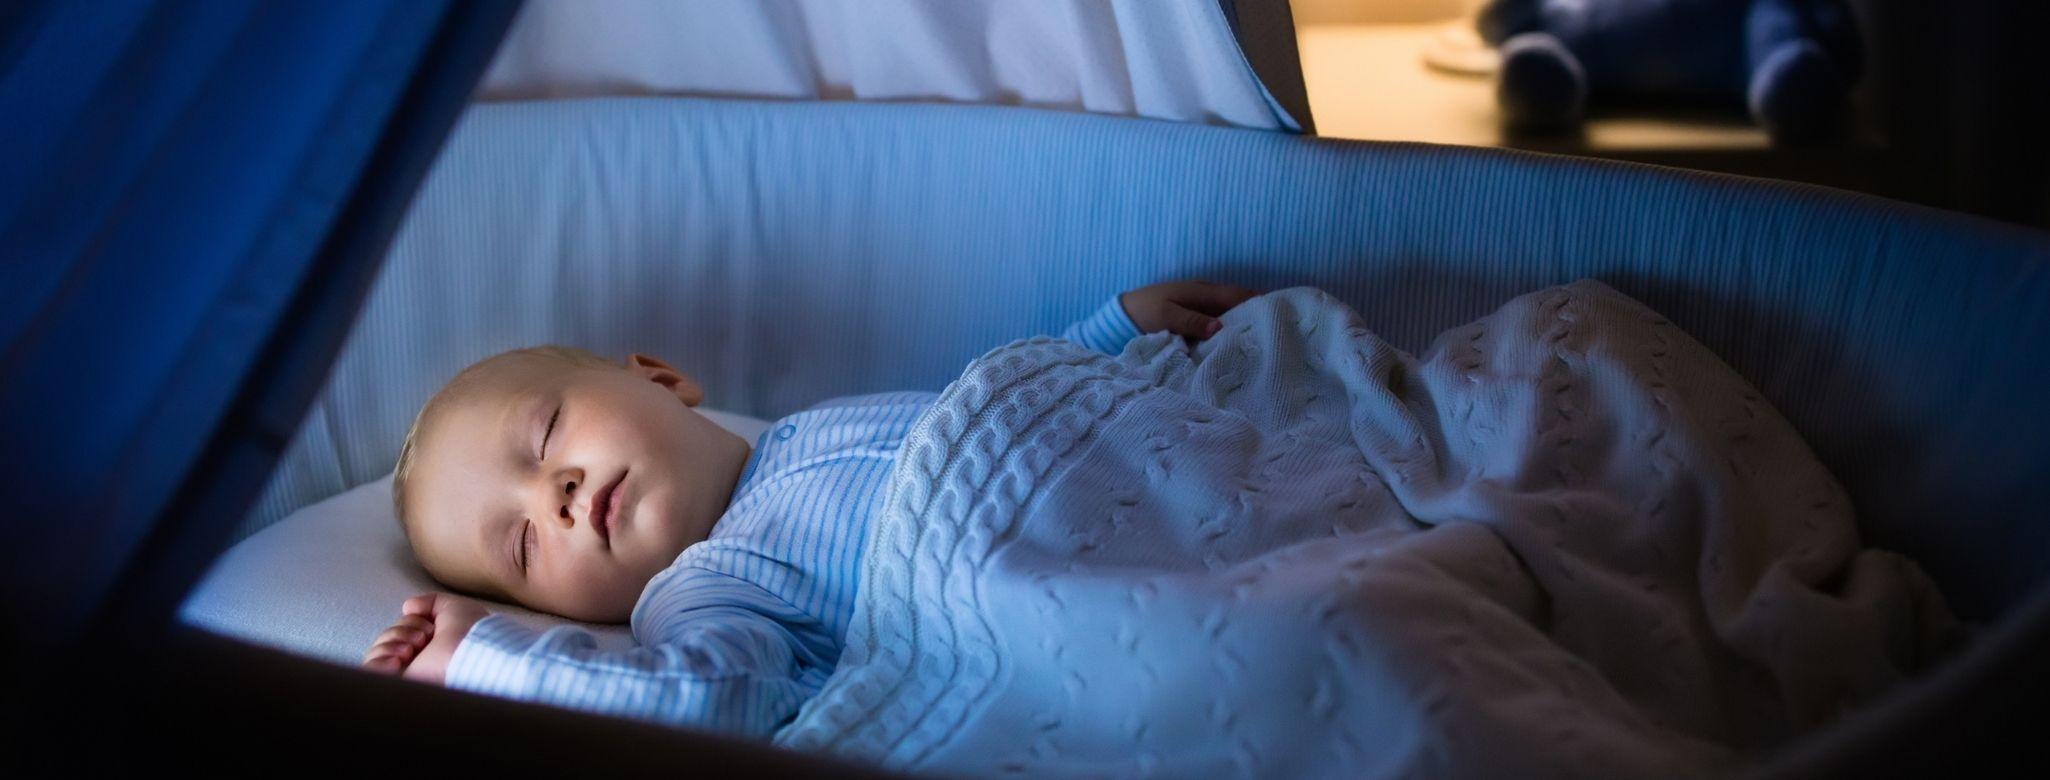 Trzy (nie tak oczywiste) zasady dobrego snu